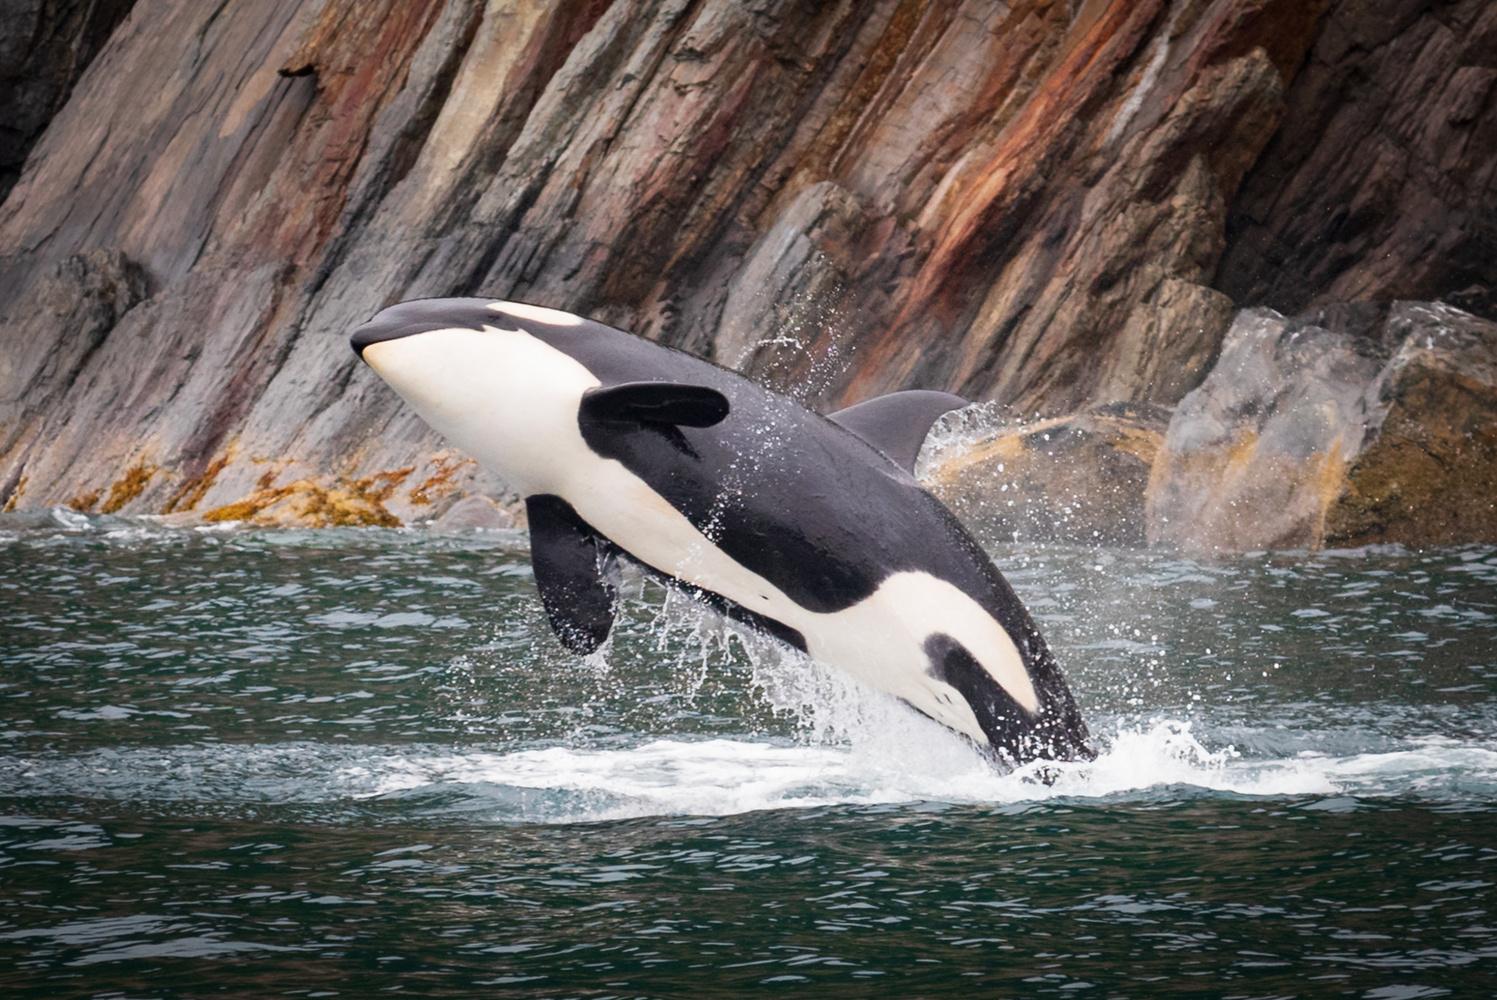 It's a whale by Roger Moffatt